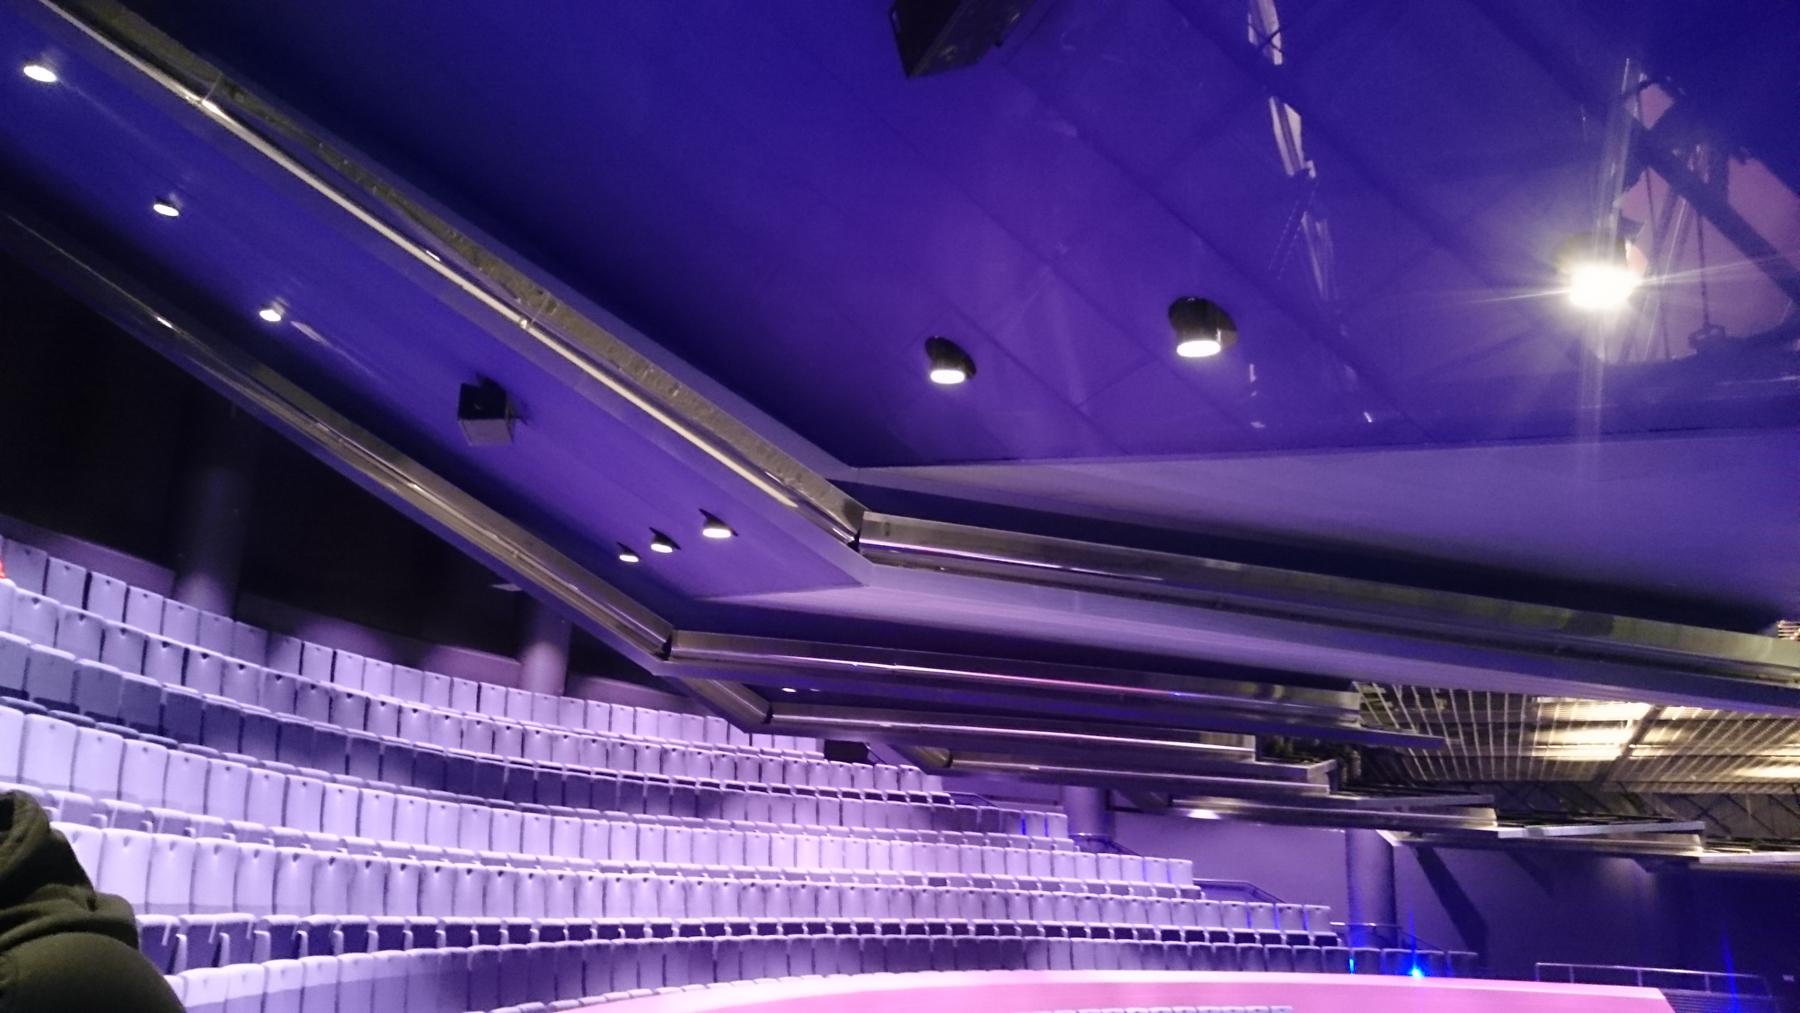 lowry auditorium